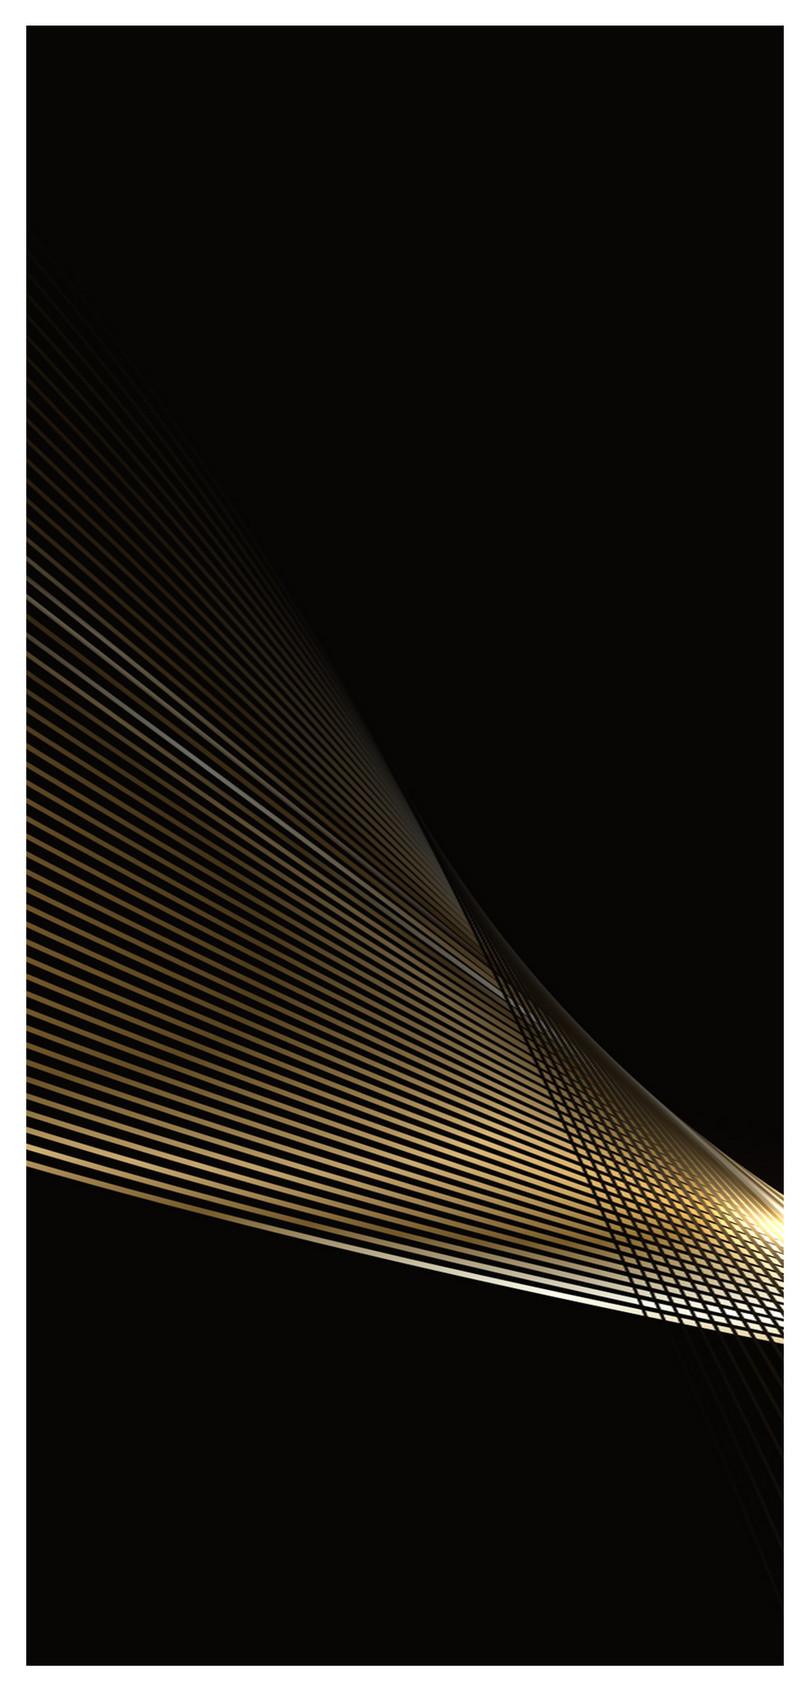 ブラックゴールドビジネスラインの携帯電話の壁紙イメージ 背景 Id